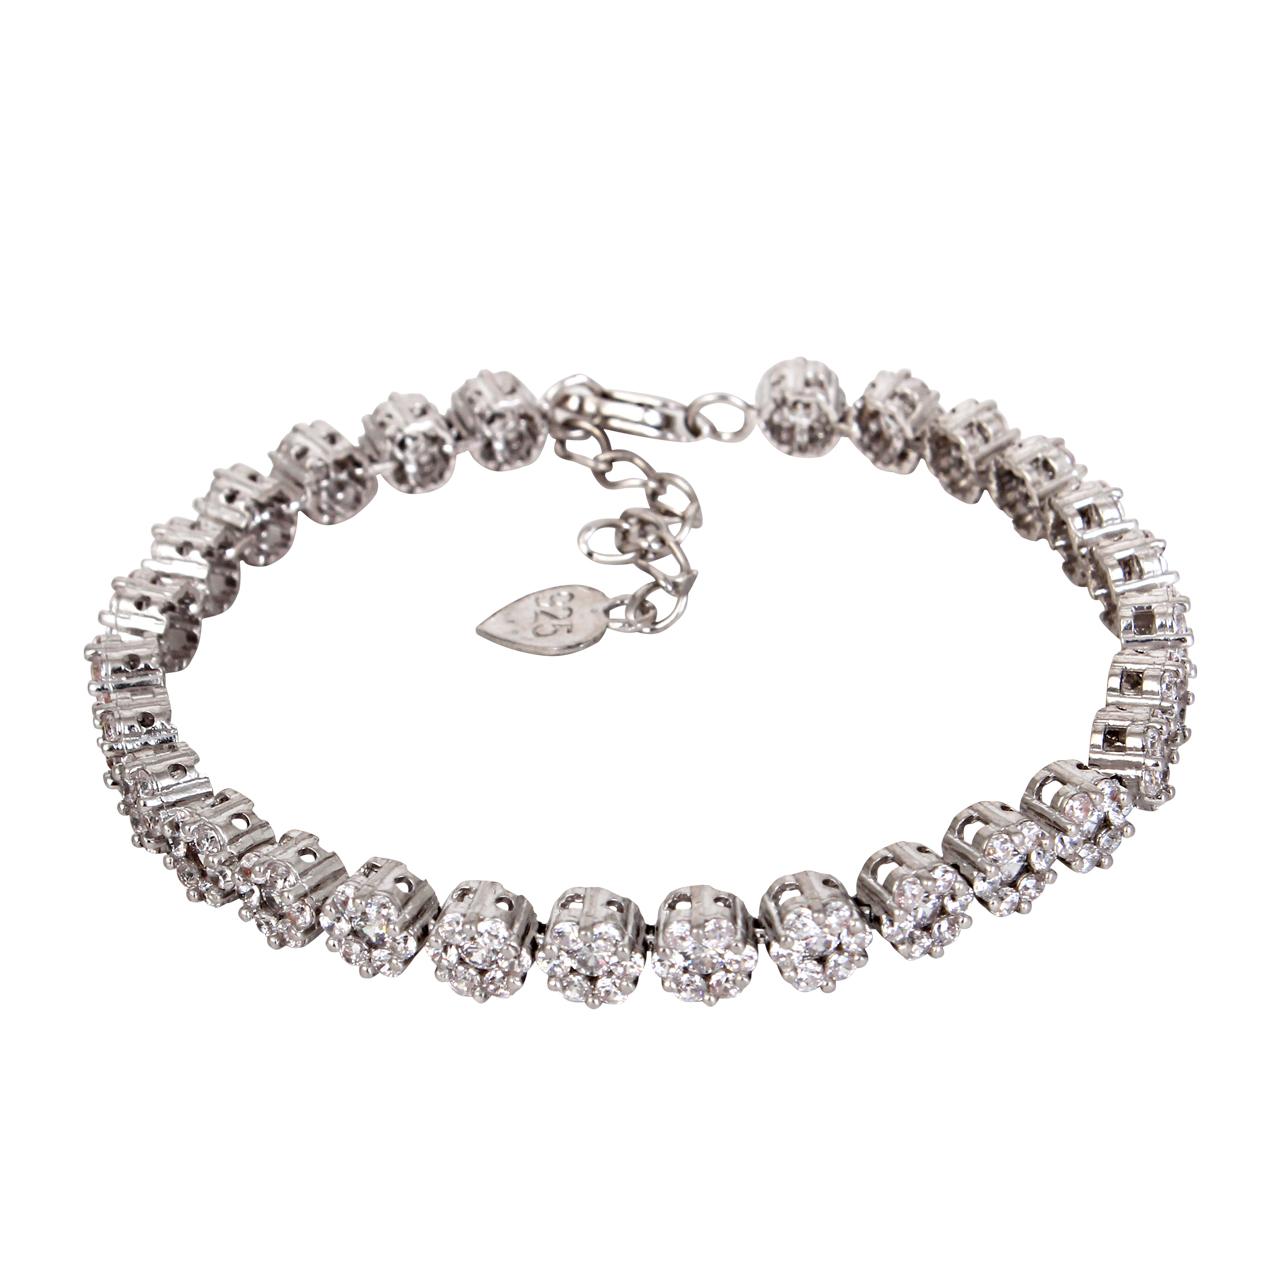 قیمت دستبند نقره زنانه مدوکلاس کد 180384